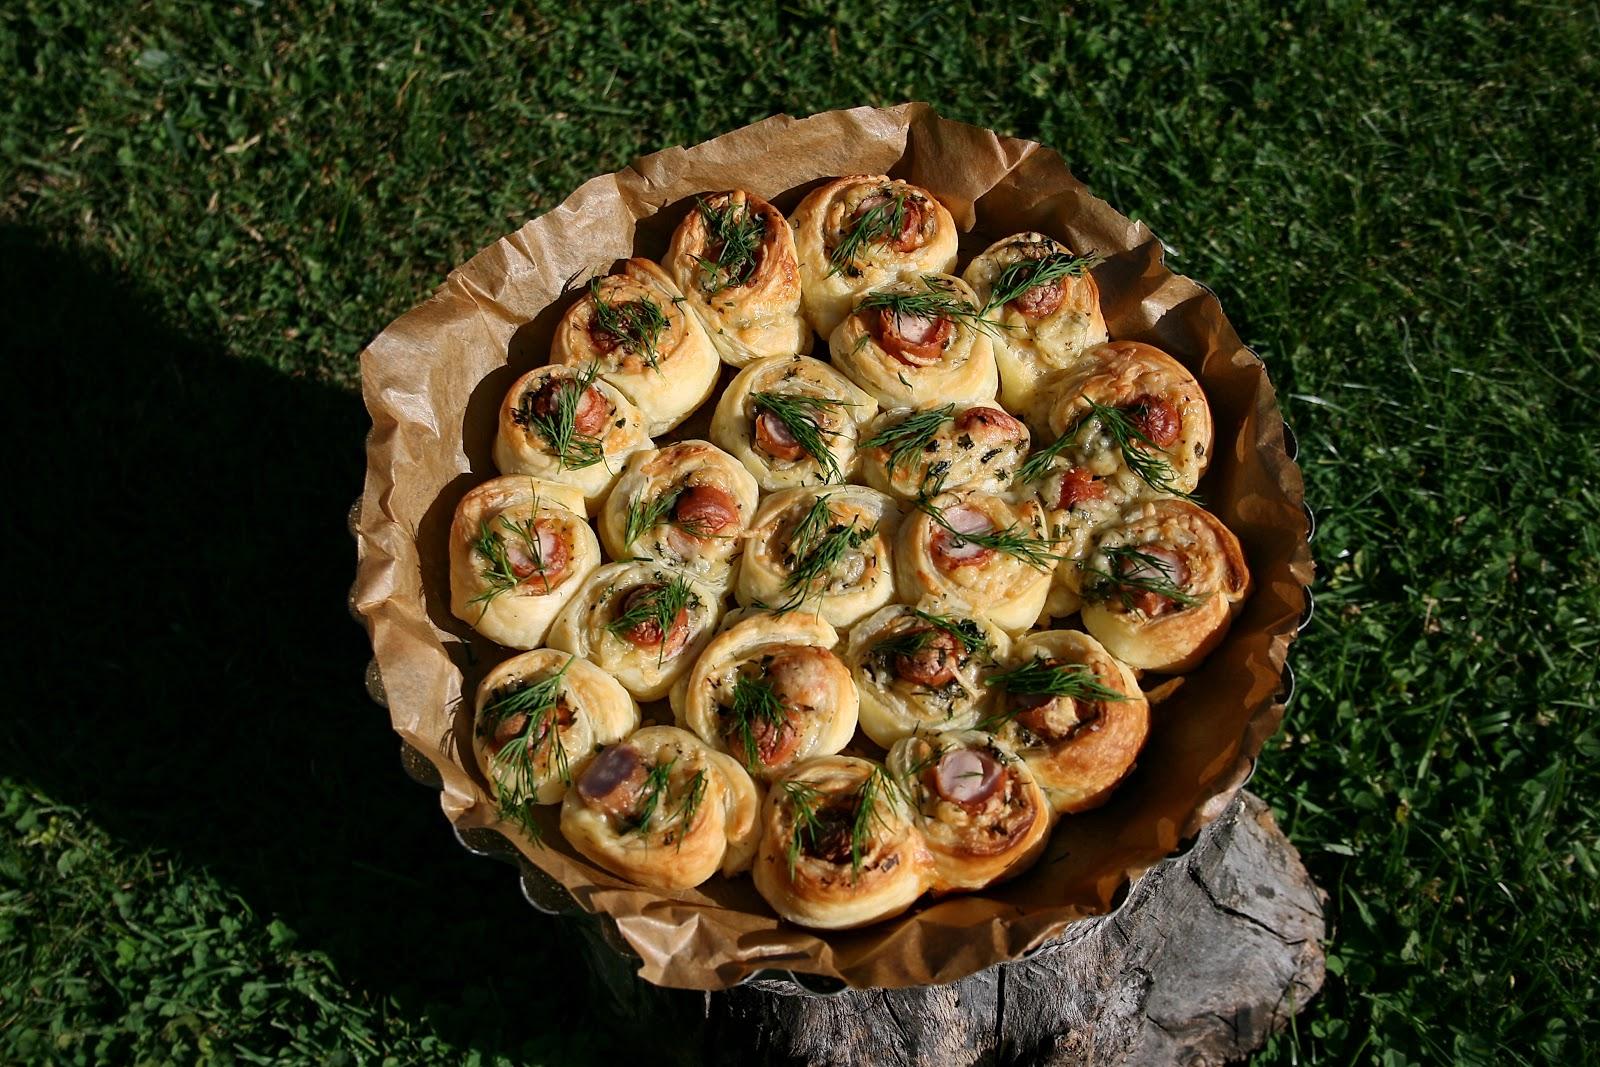 Francuskie roladki z parówką i serem